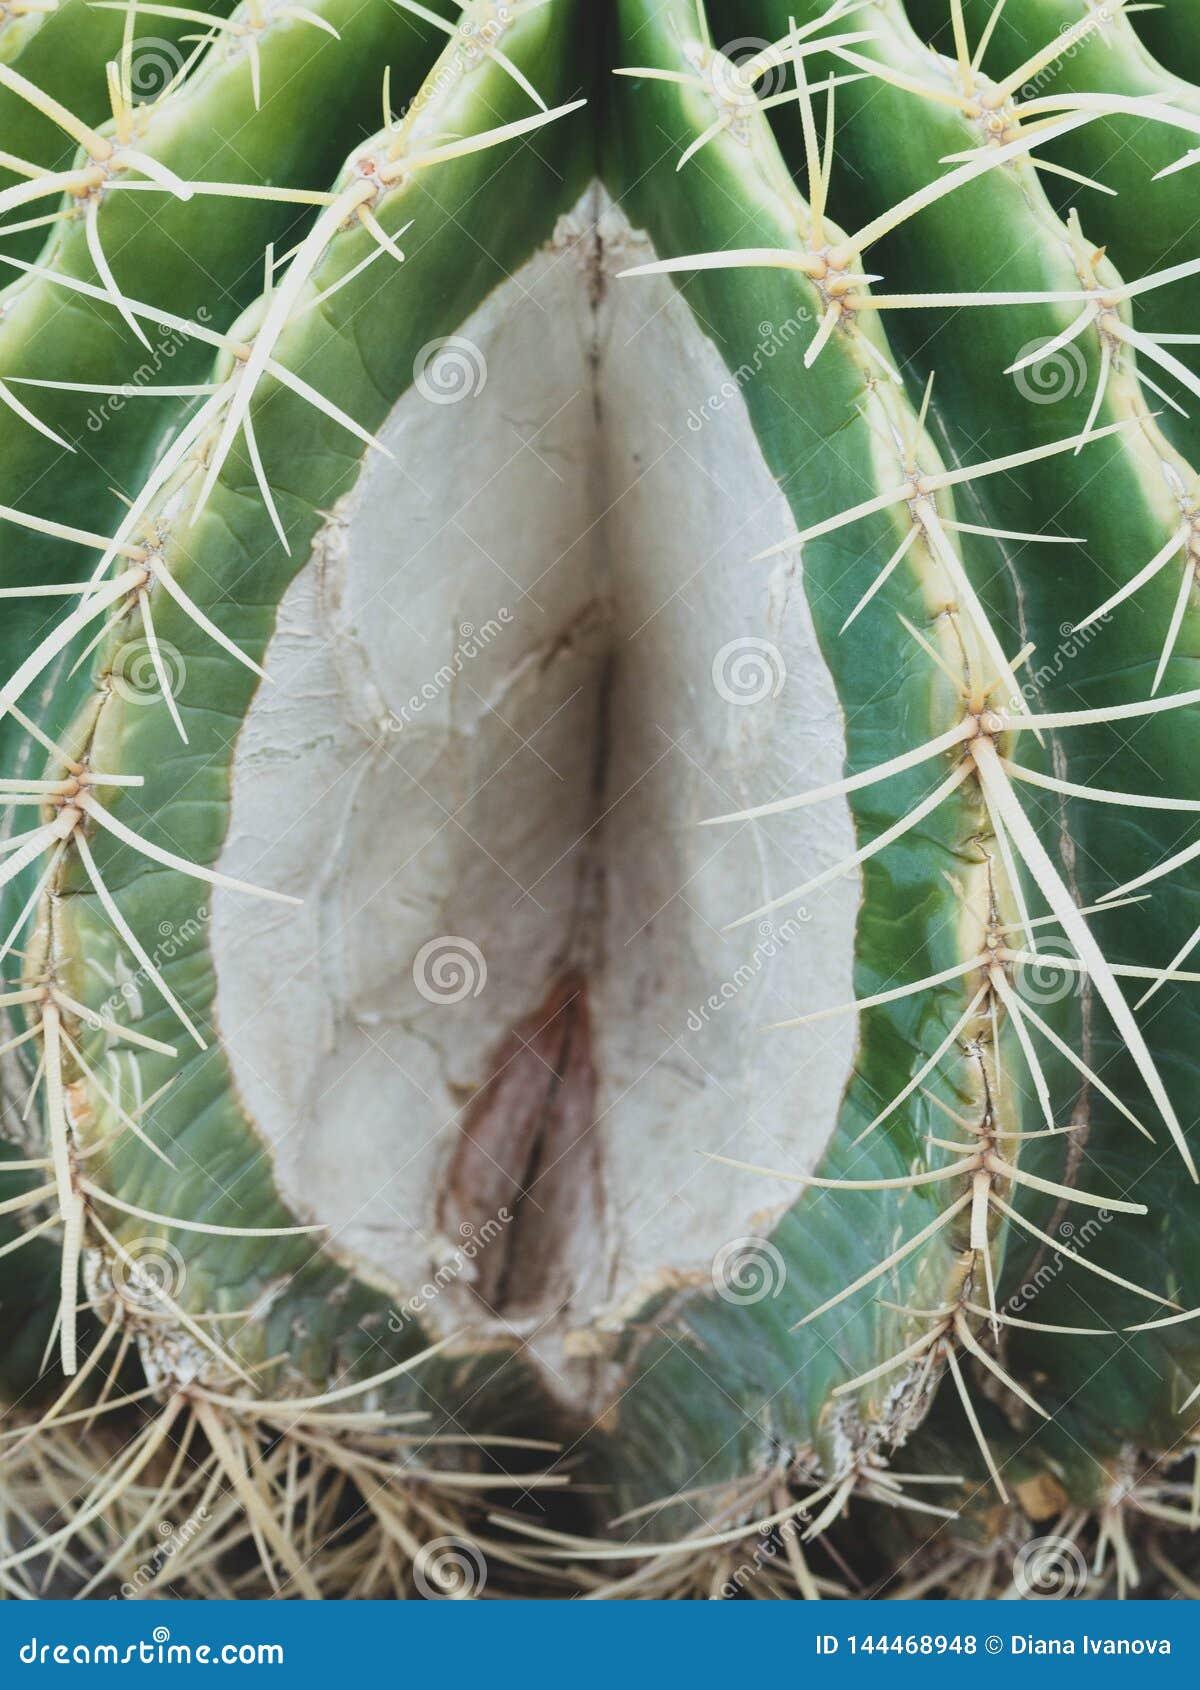 Pussy cactus in TORTURISER